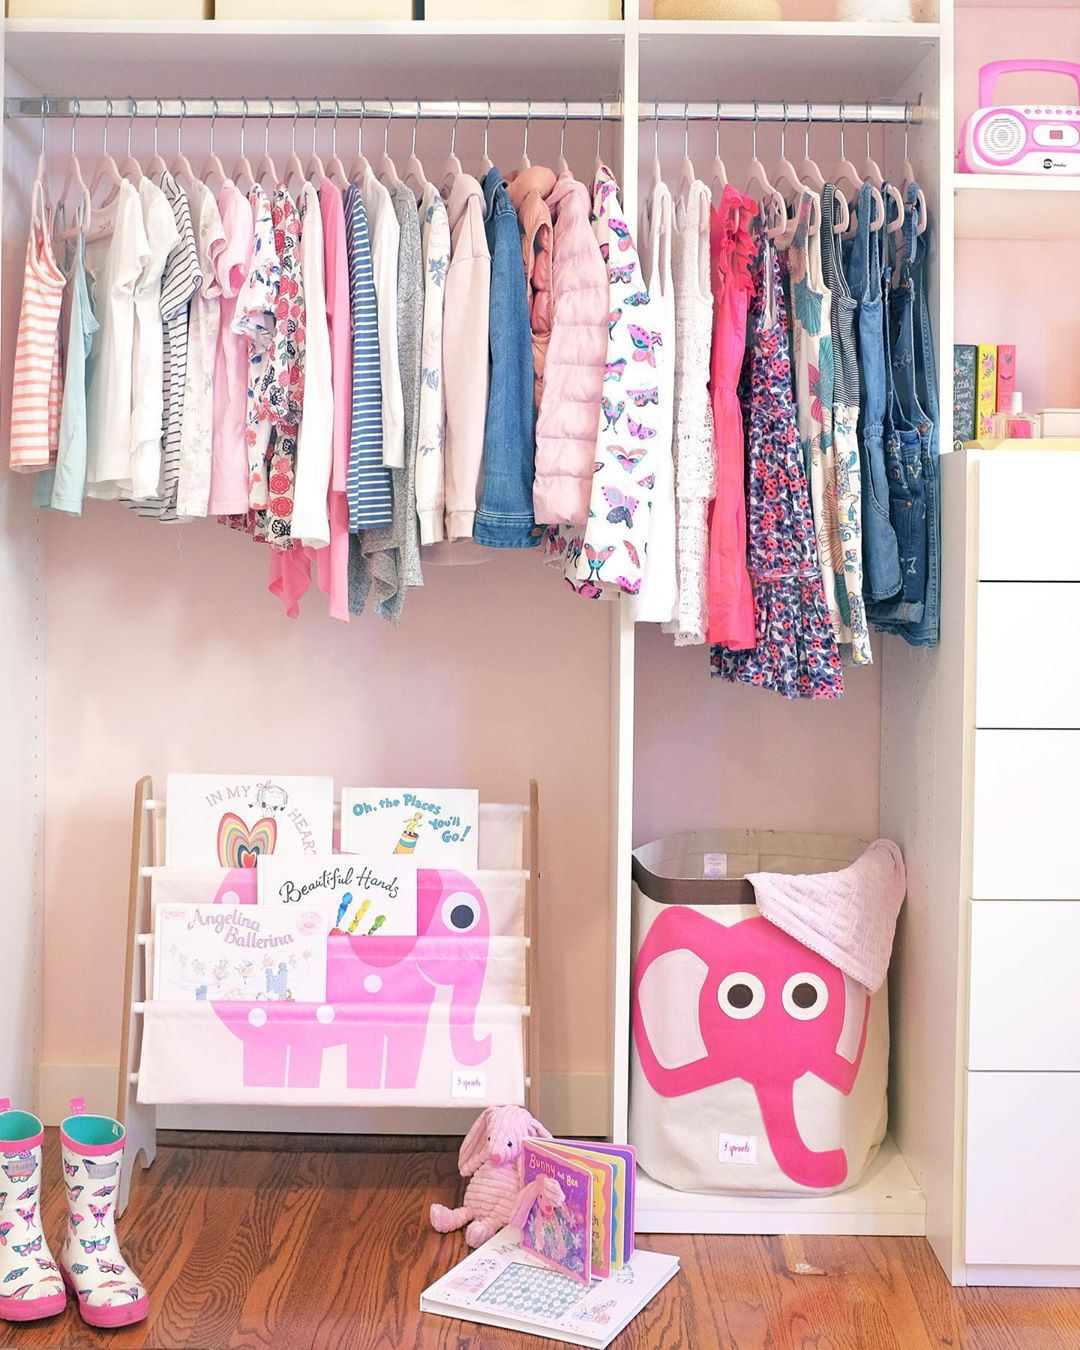 Организация пространства в гардеробной фото 1